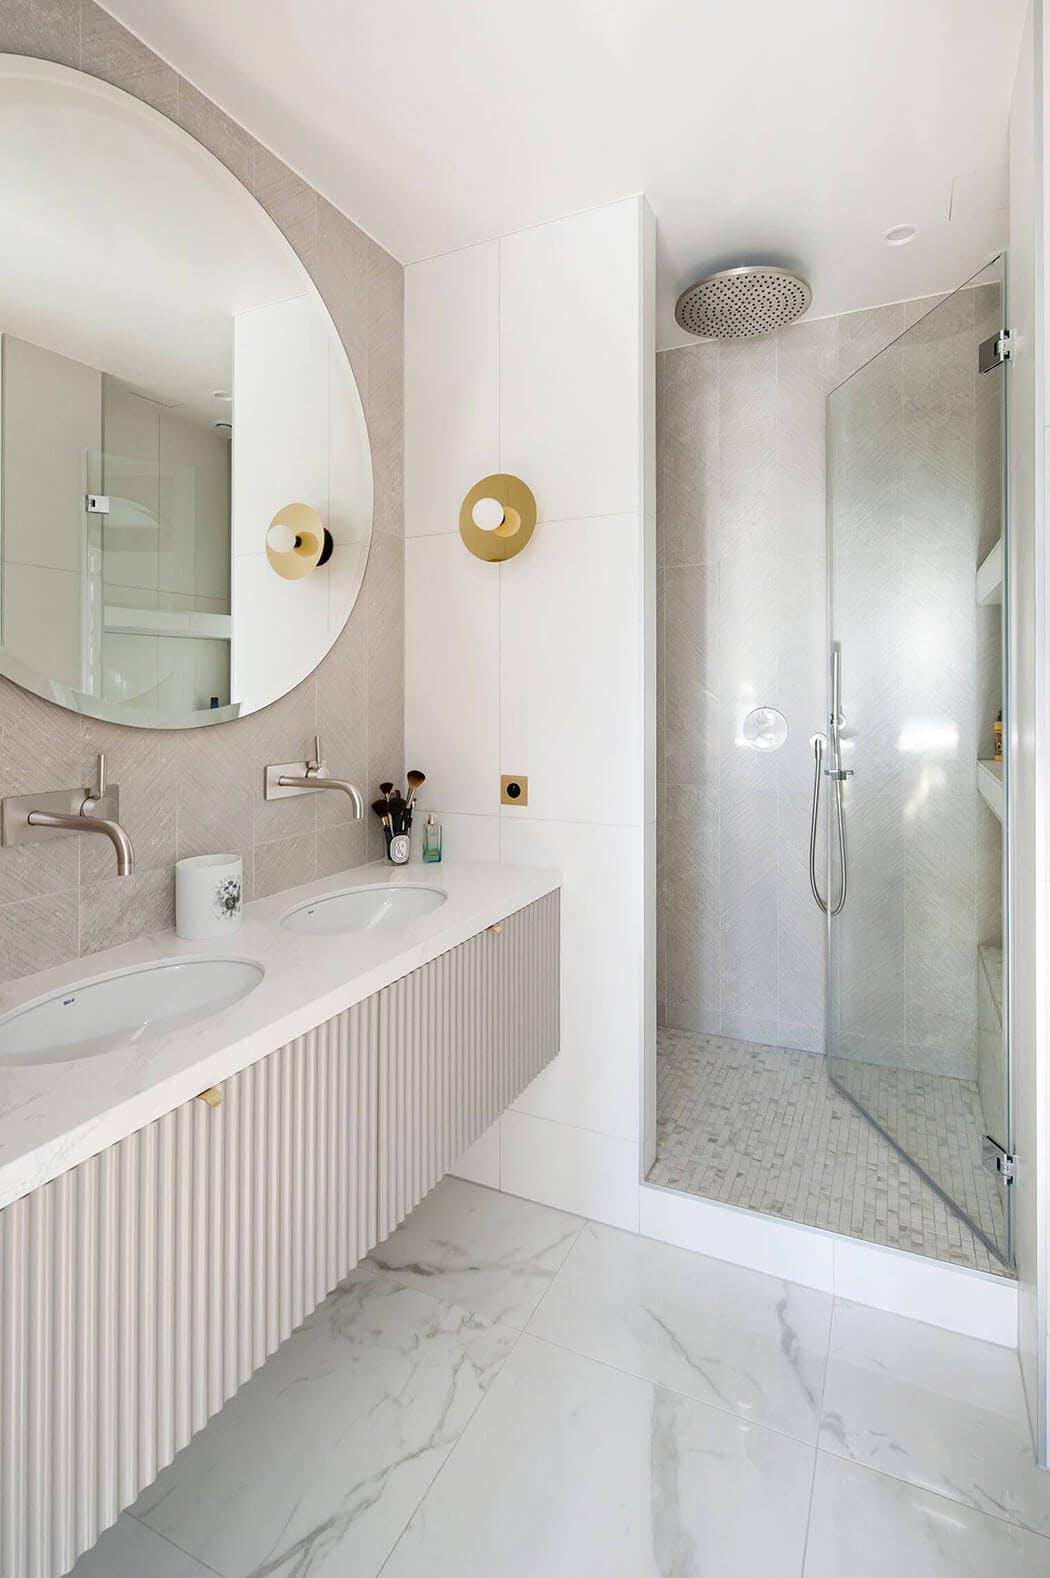 salle de bain de luxe avec double vasque, marbre au sol, et douche à l'italienne avec sol mosaïques